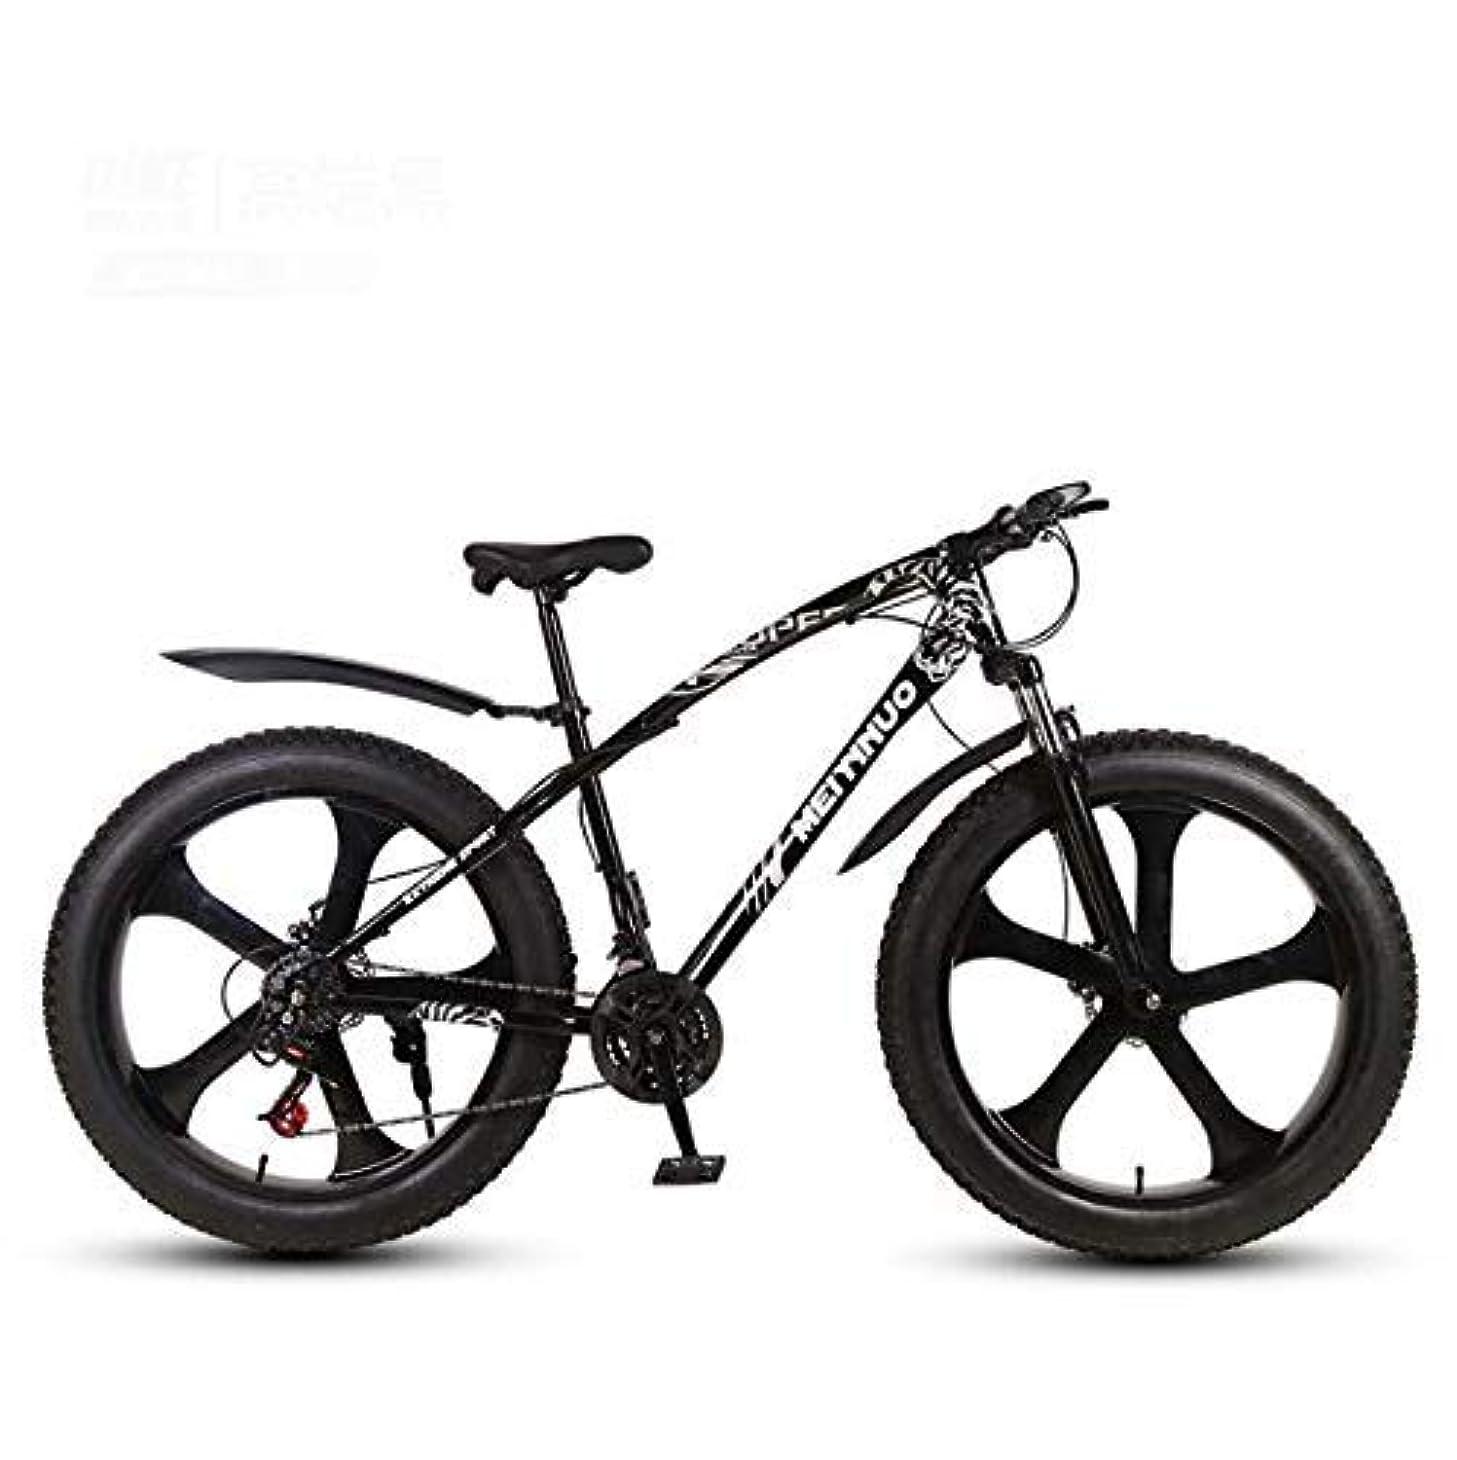 単調な読みやすさ凍ったマウンテンバイク大人用26インチ自転車、4.0インチファットタイヤMTBバイク、ハードテール高炭素鋼フレームサスペンションフォーク、ダブルディスクブレーキ